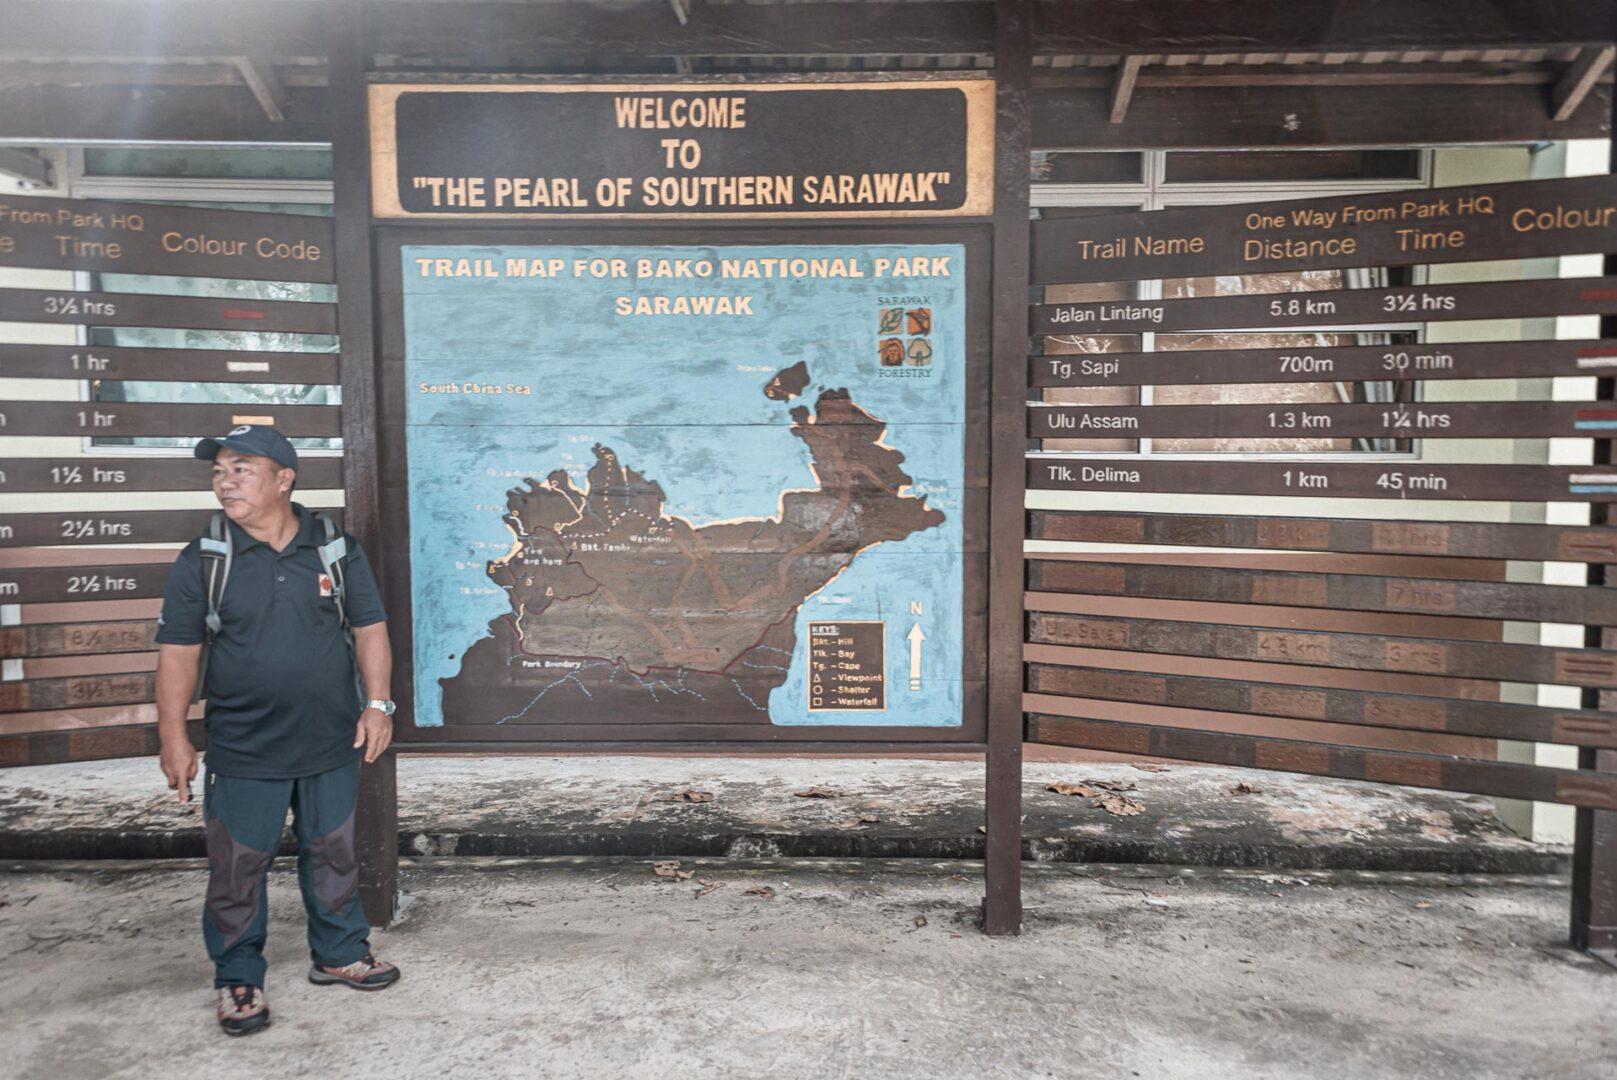 Bayabg i full färd med att visa hur vår dag i Bako Nationa Park kommer att se ut